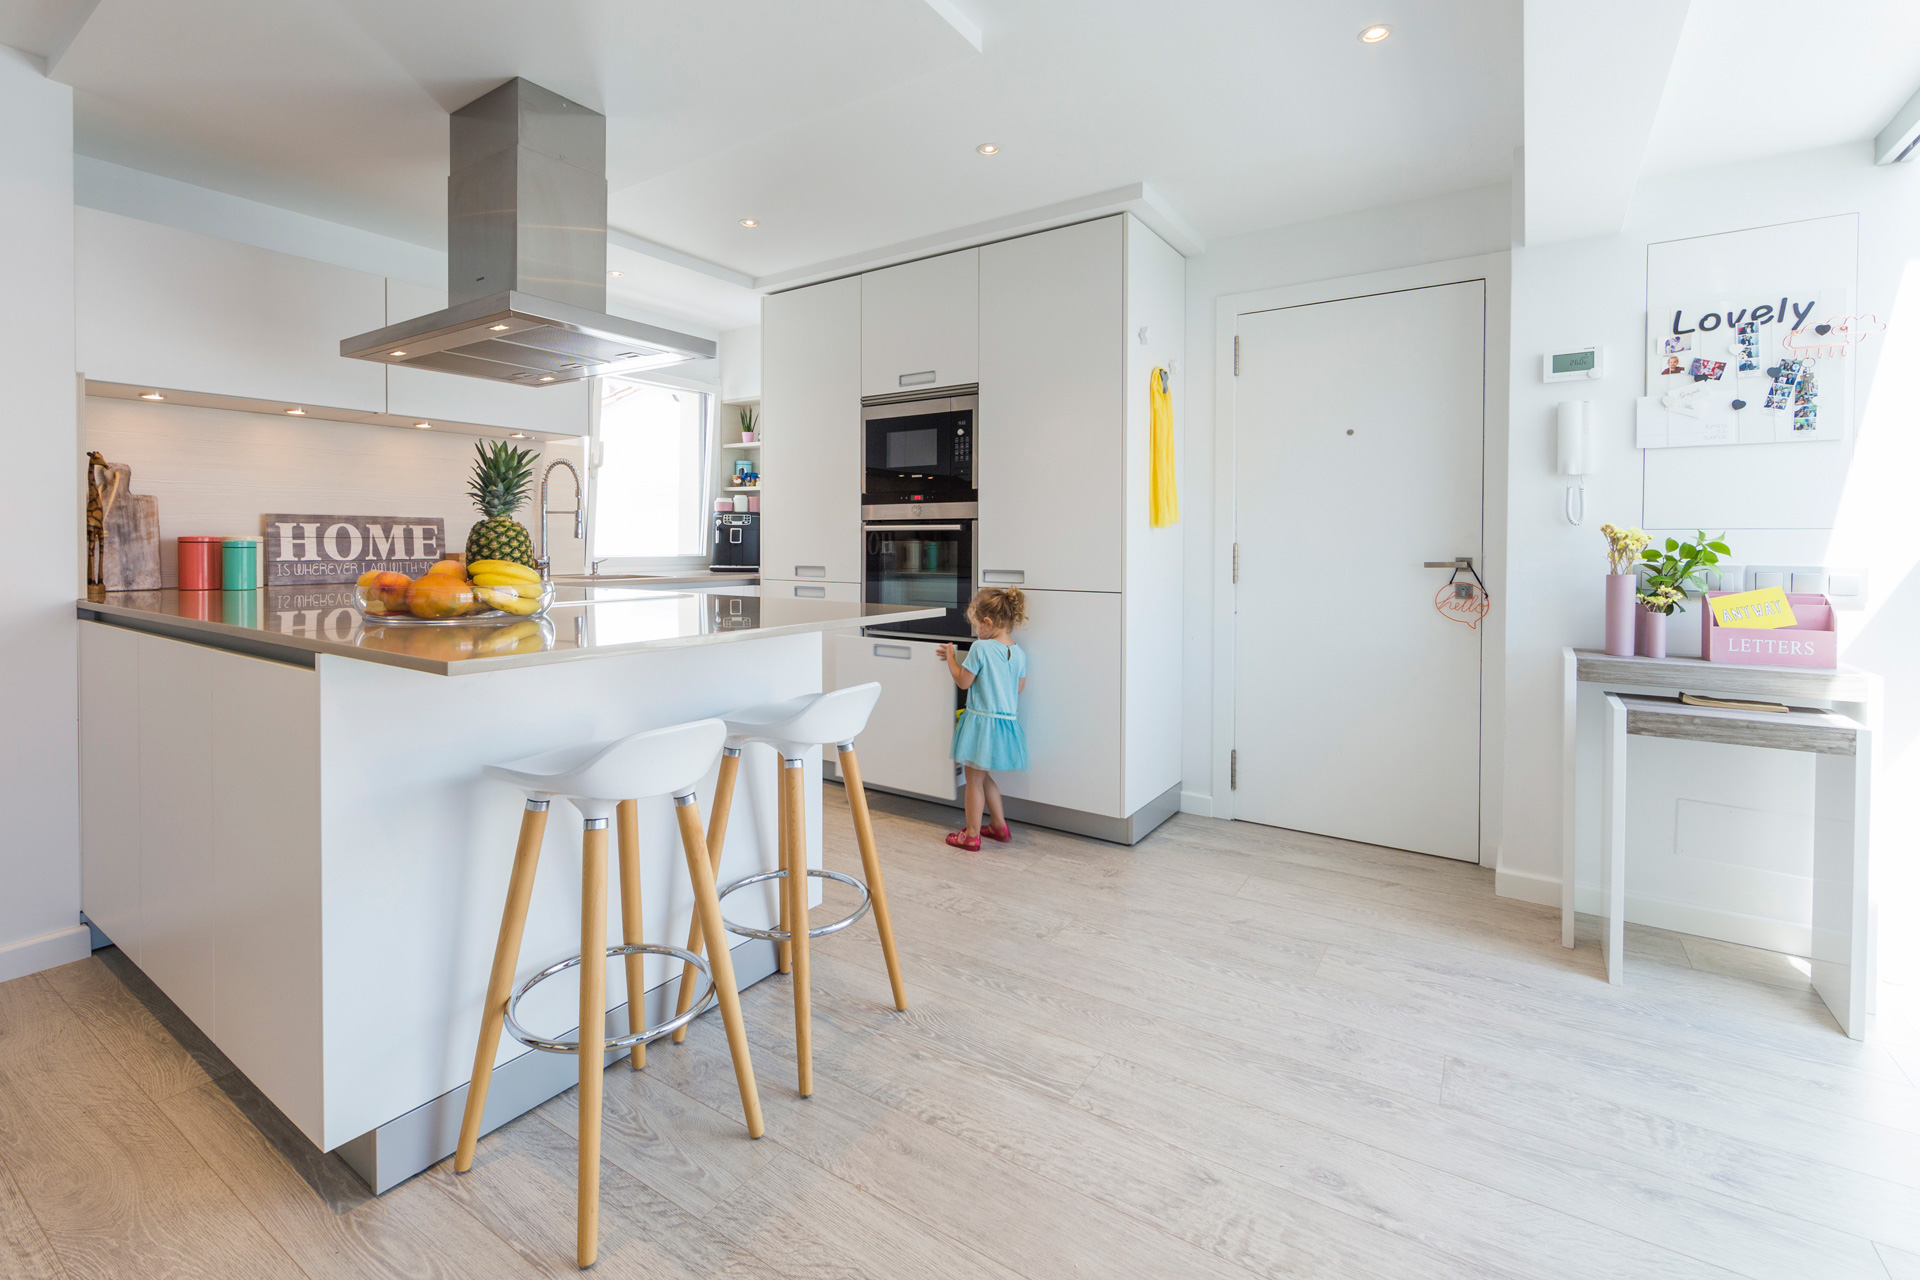 Santiago interiores en los medios una cocina abierta for Disenos cocinas abiertas